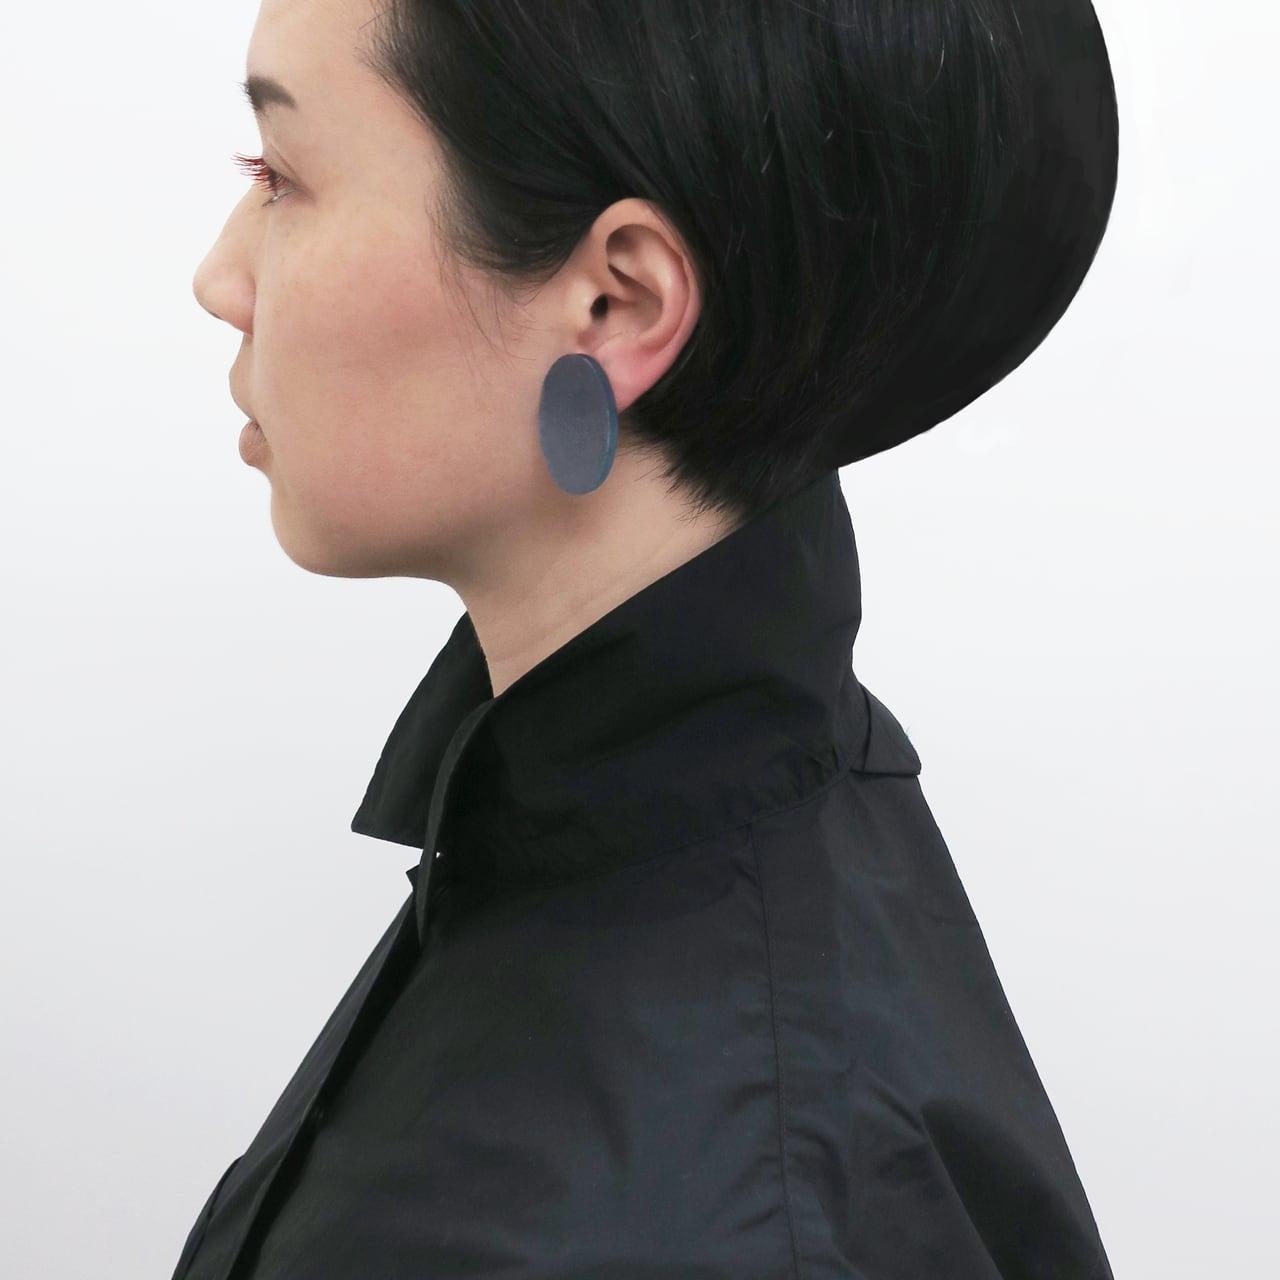 藍染/泥染/幾何学片耳用ピアスイヤリング/E-6_E_AI